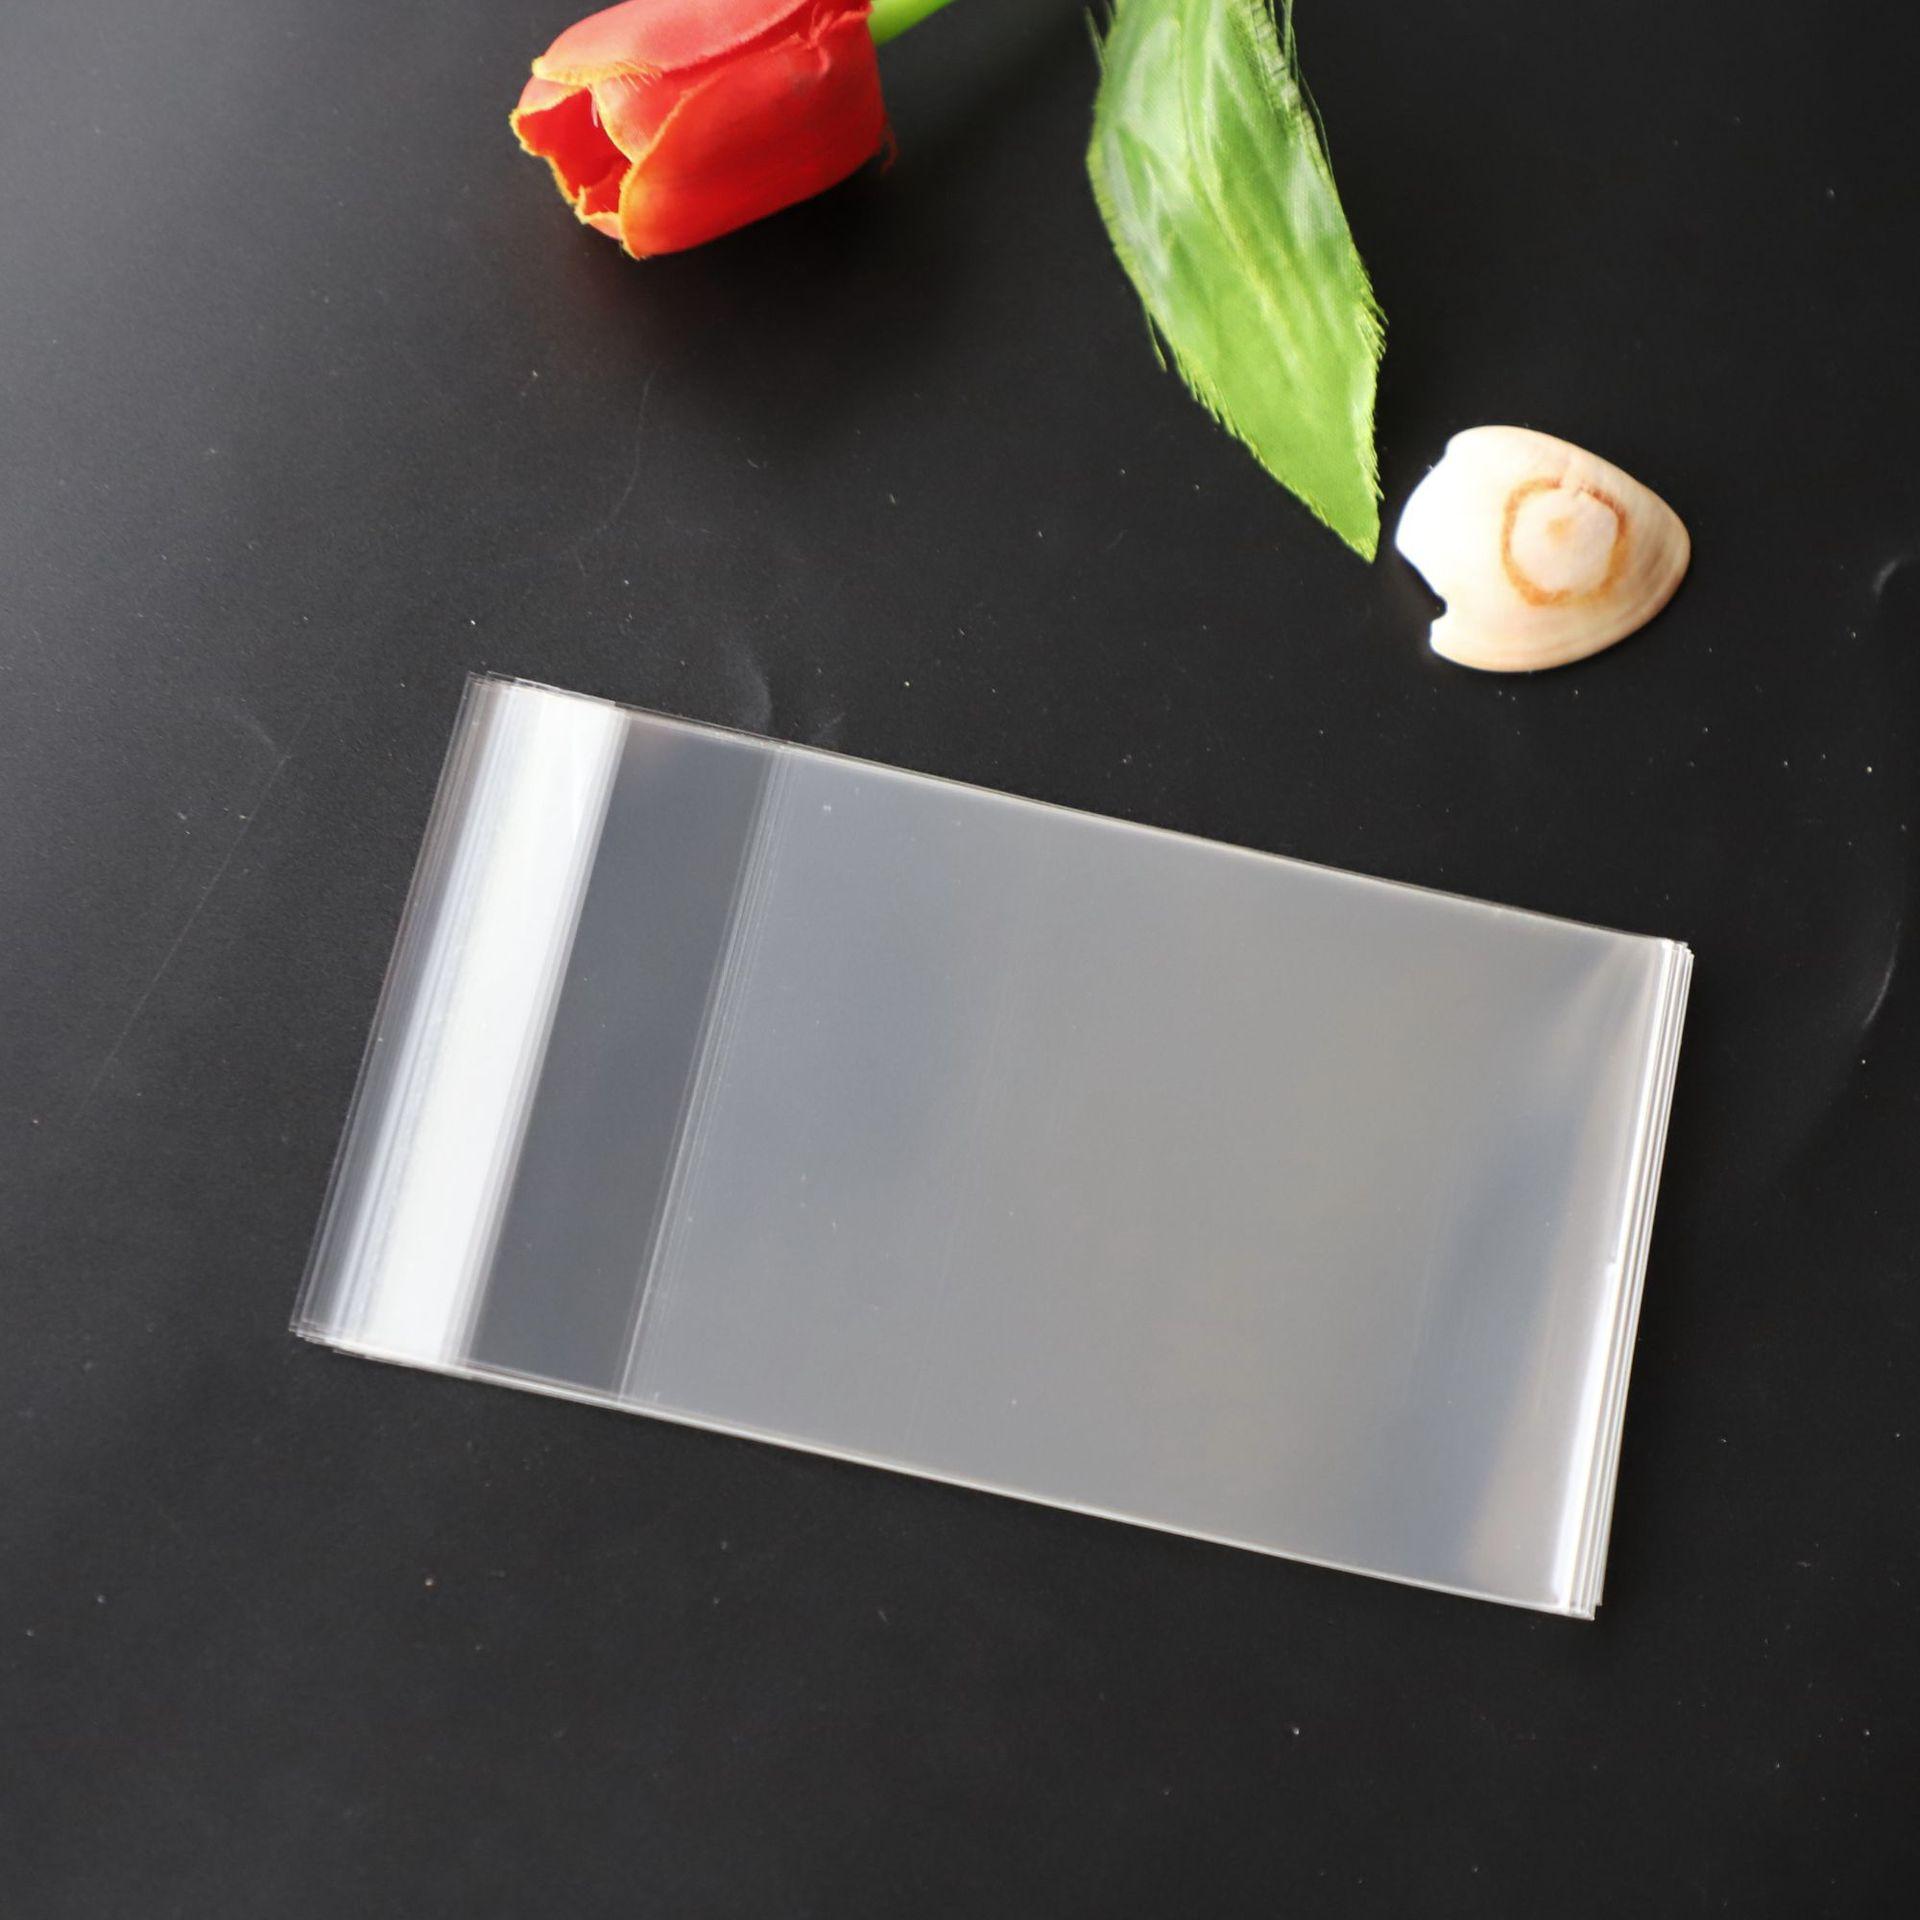 现货供应透明OPP自粘袋 定制彩印PP自封塑料薄膜包装袋不干胶加厚